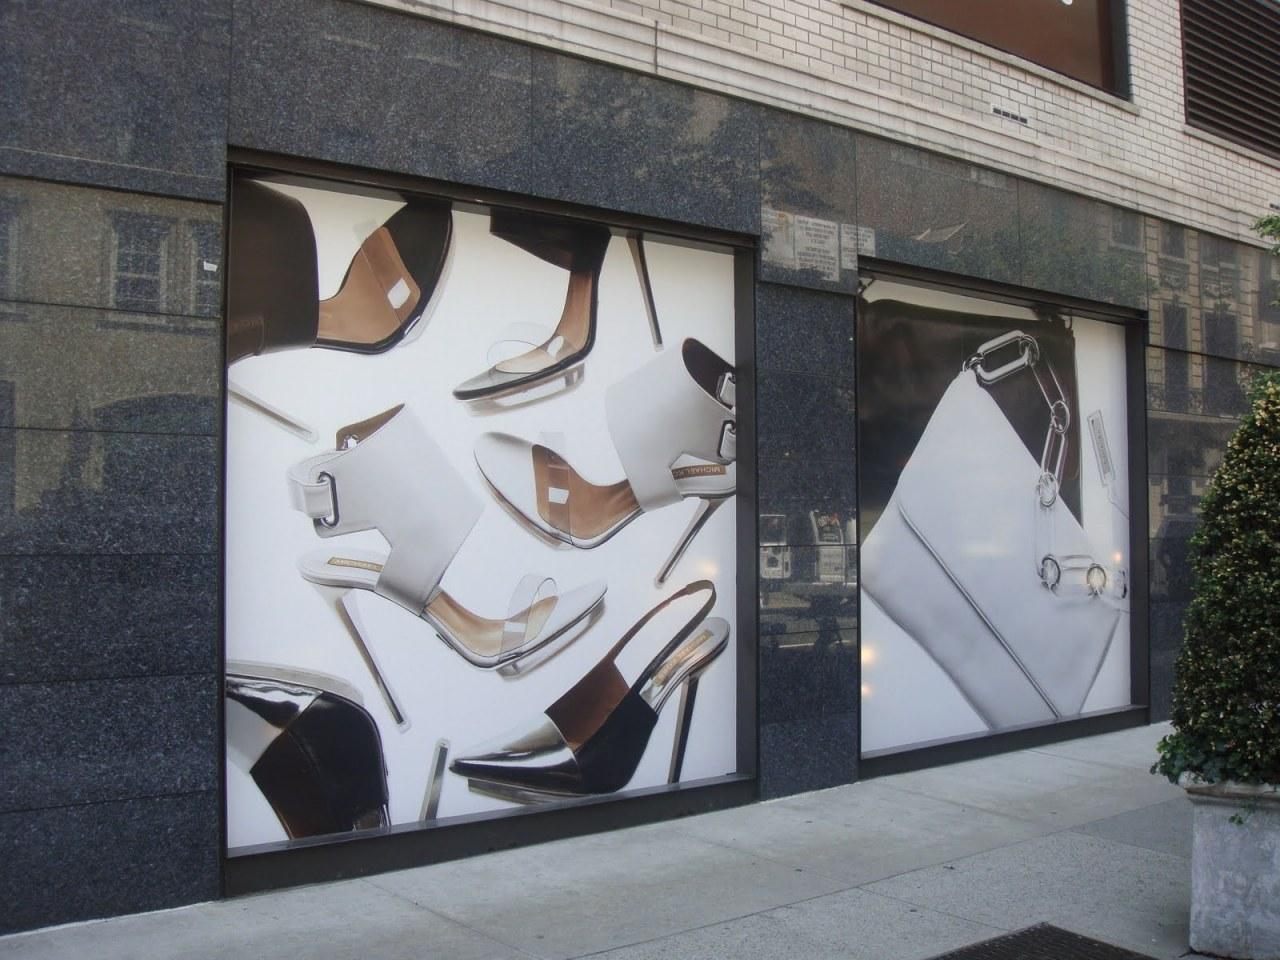 L'habillage de vitrine : une communication visuelle efficace